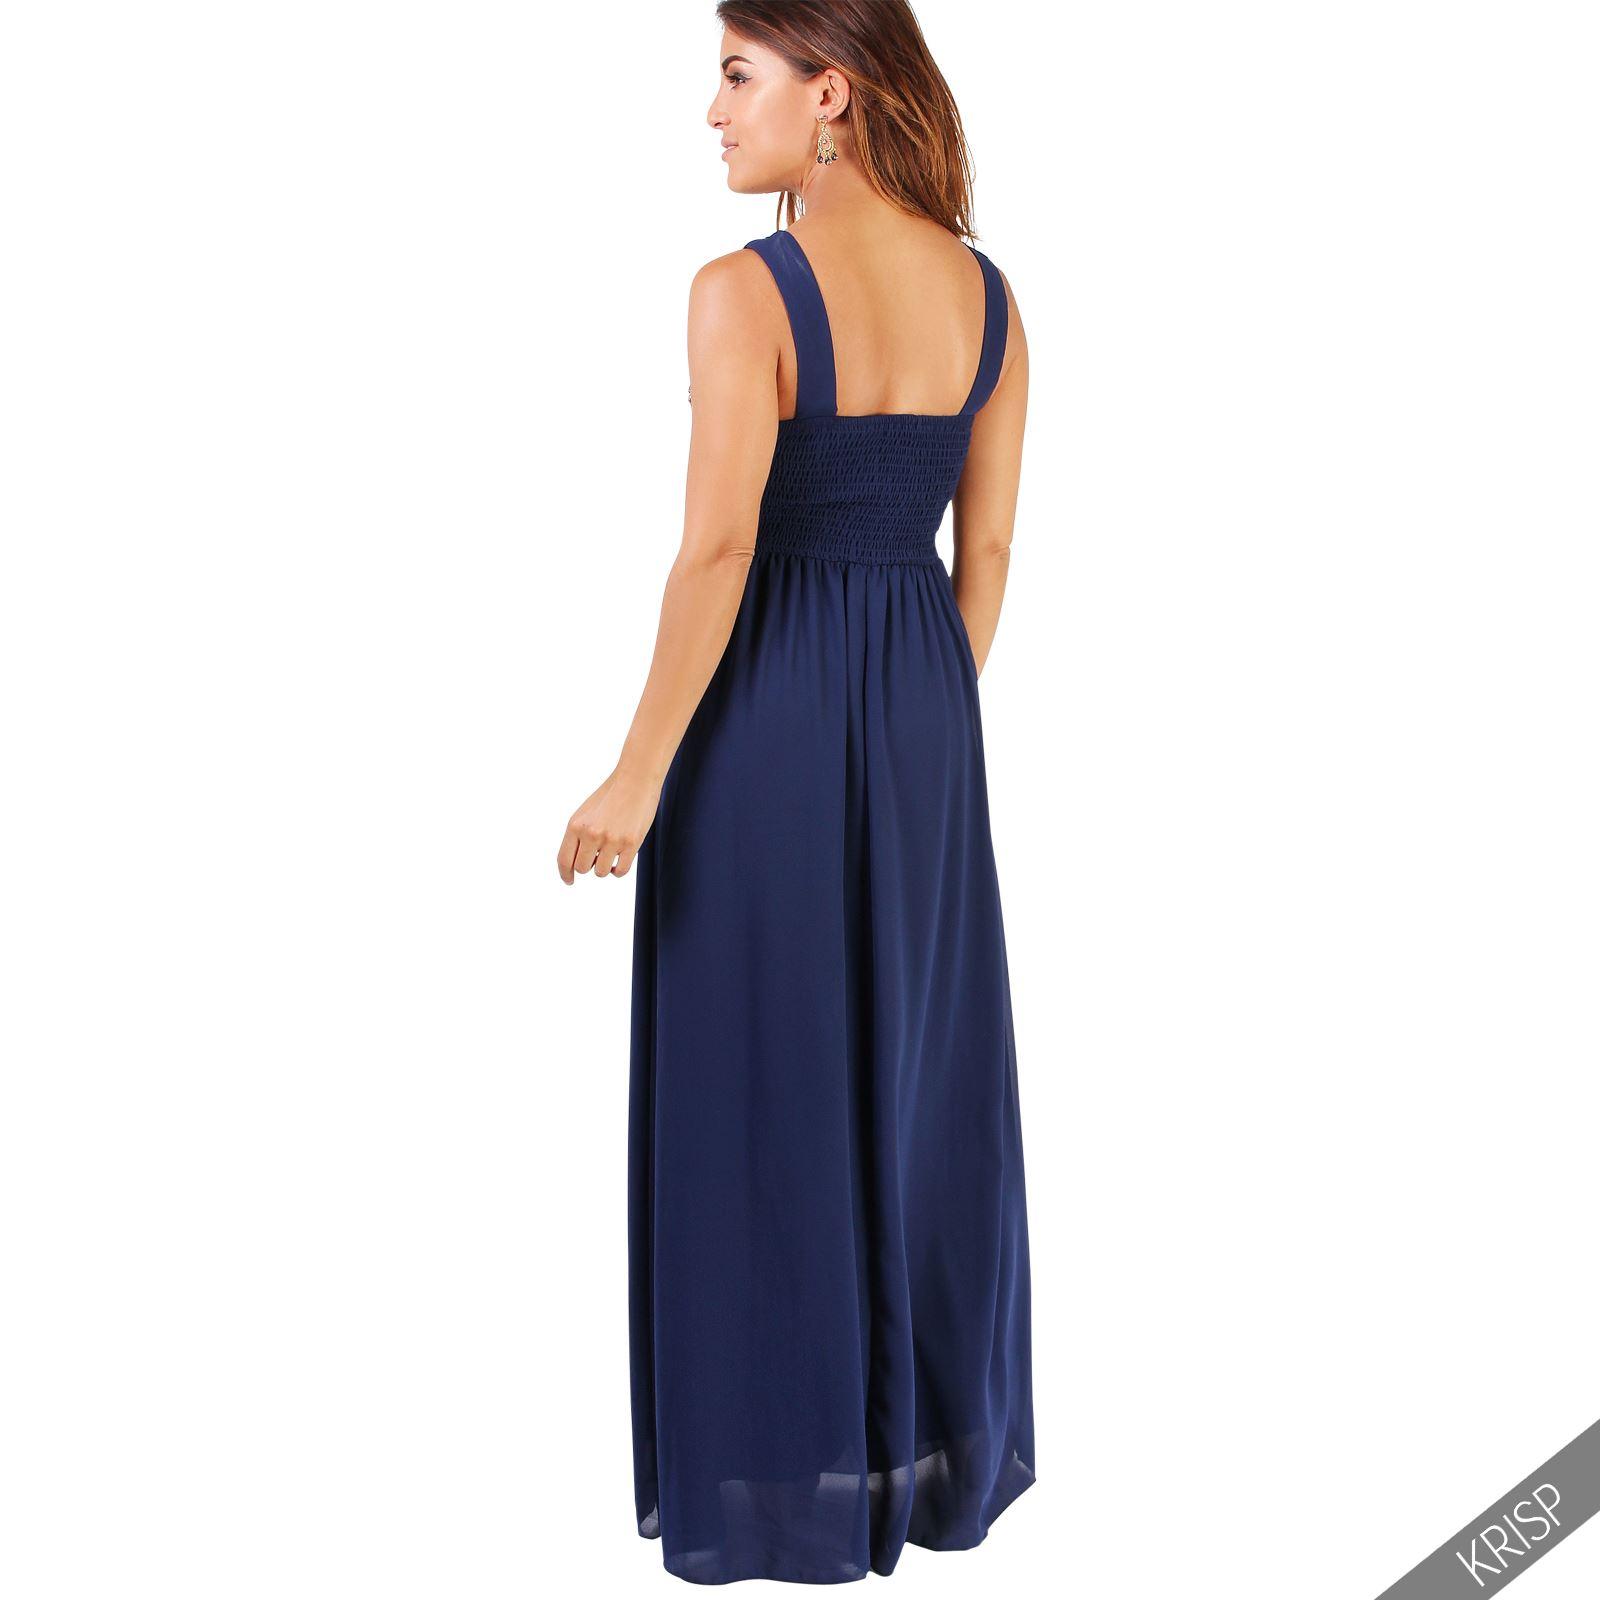 Damen Kleider Mit Strass Ballkleid Cocktailkleid Maxikleid ...